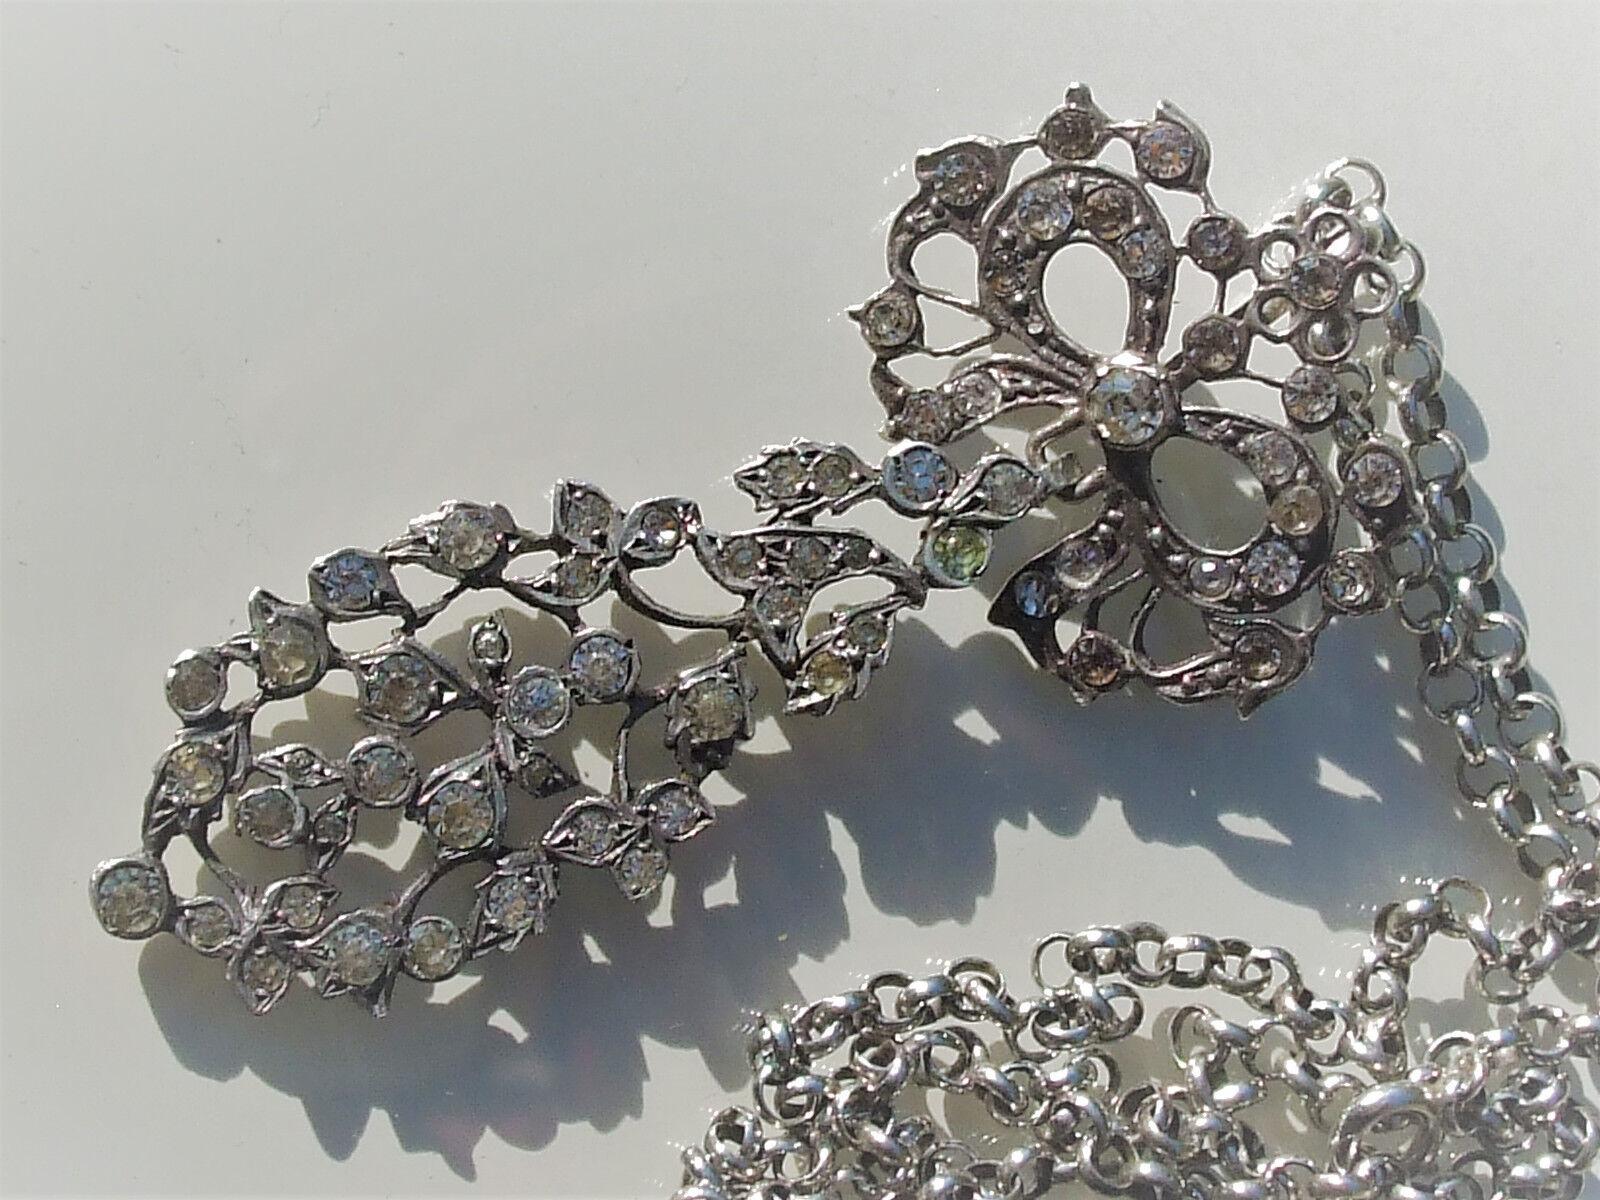 BEAU et GRAND PENDENTIF REGIONAL + CHAÎNE   ANCIENS MILIEU XIXème   En silver